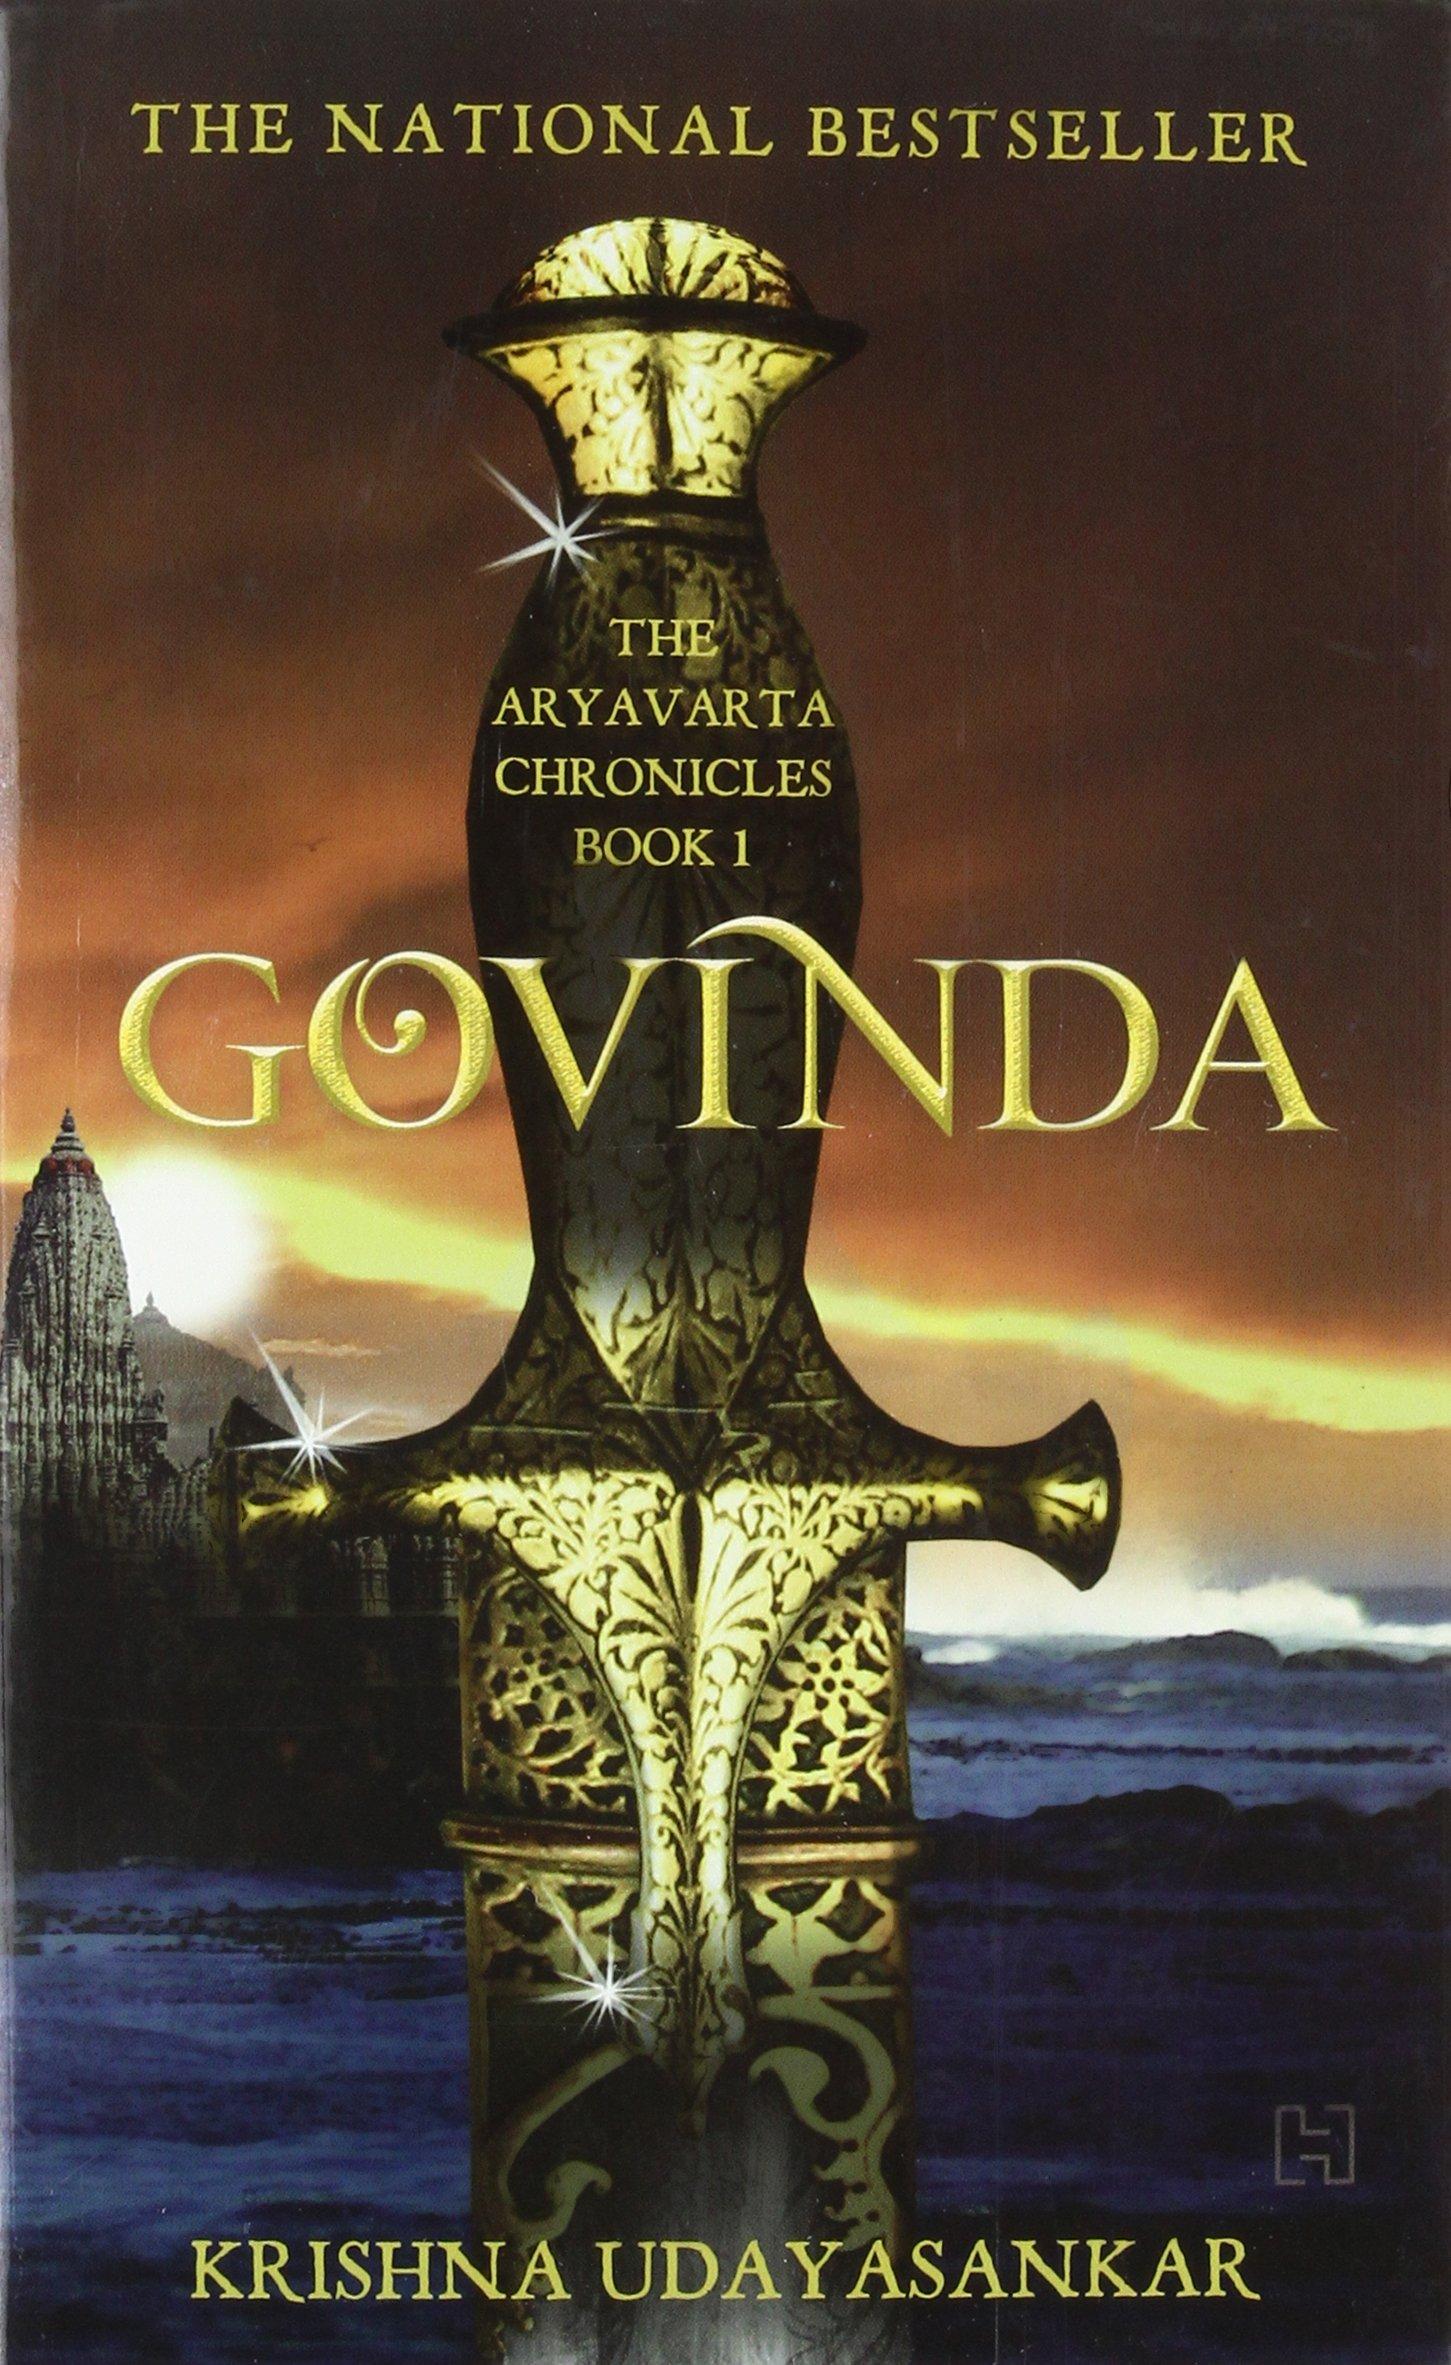 The Aryavarta Chronicles Kurukshetra Pdf